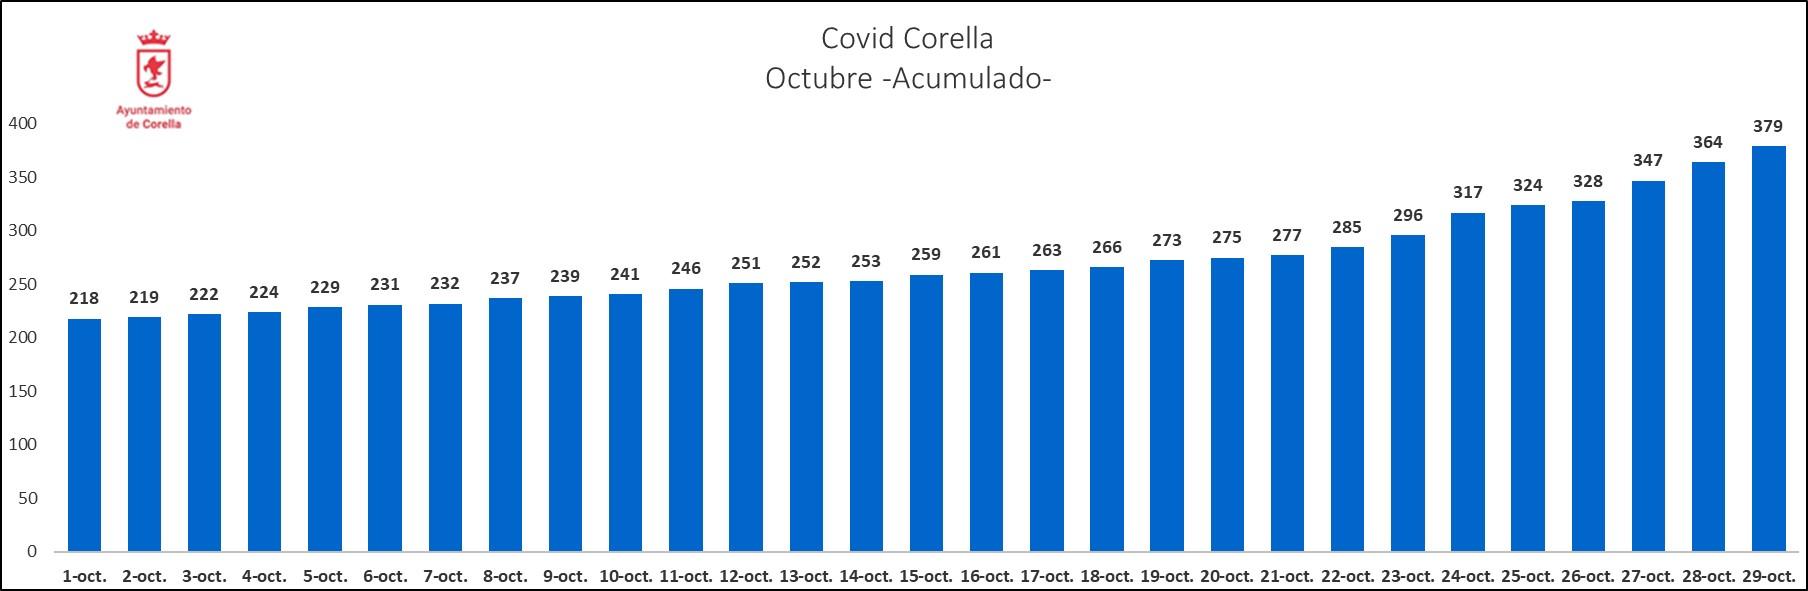 Grafico acumulado_301020